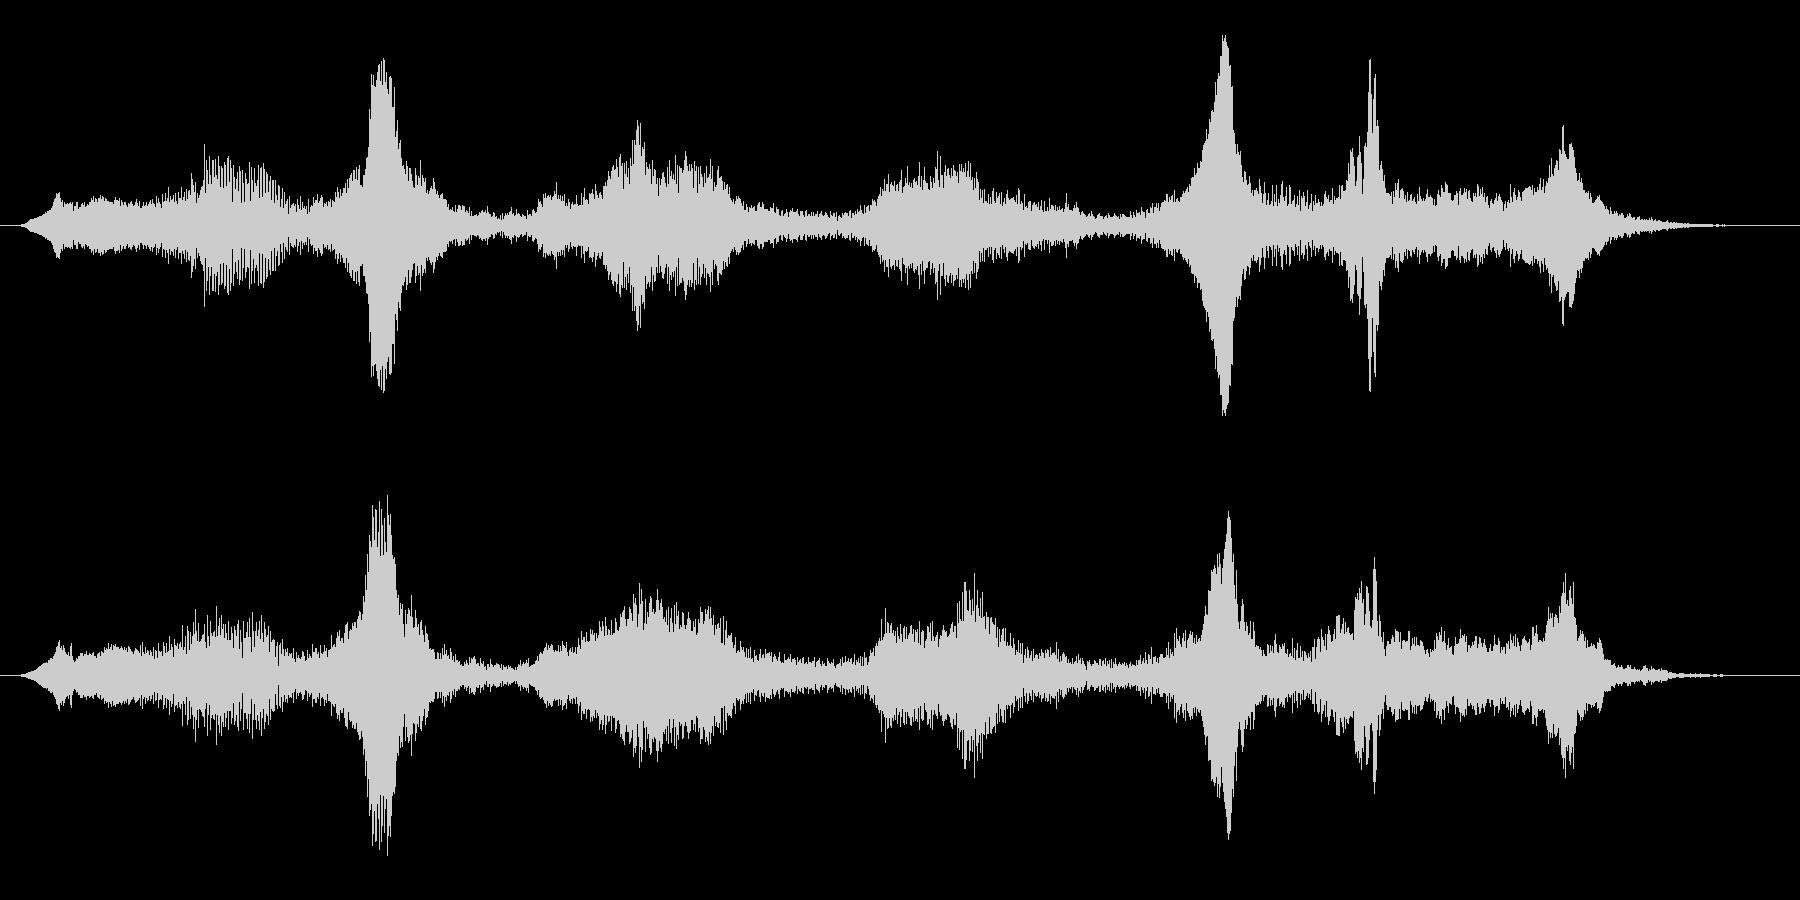 不気味な空気の音 ホワーン 電磁波 未知の未再生の波形